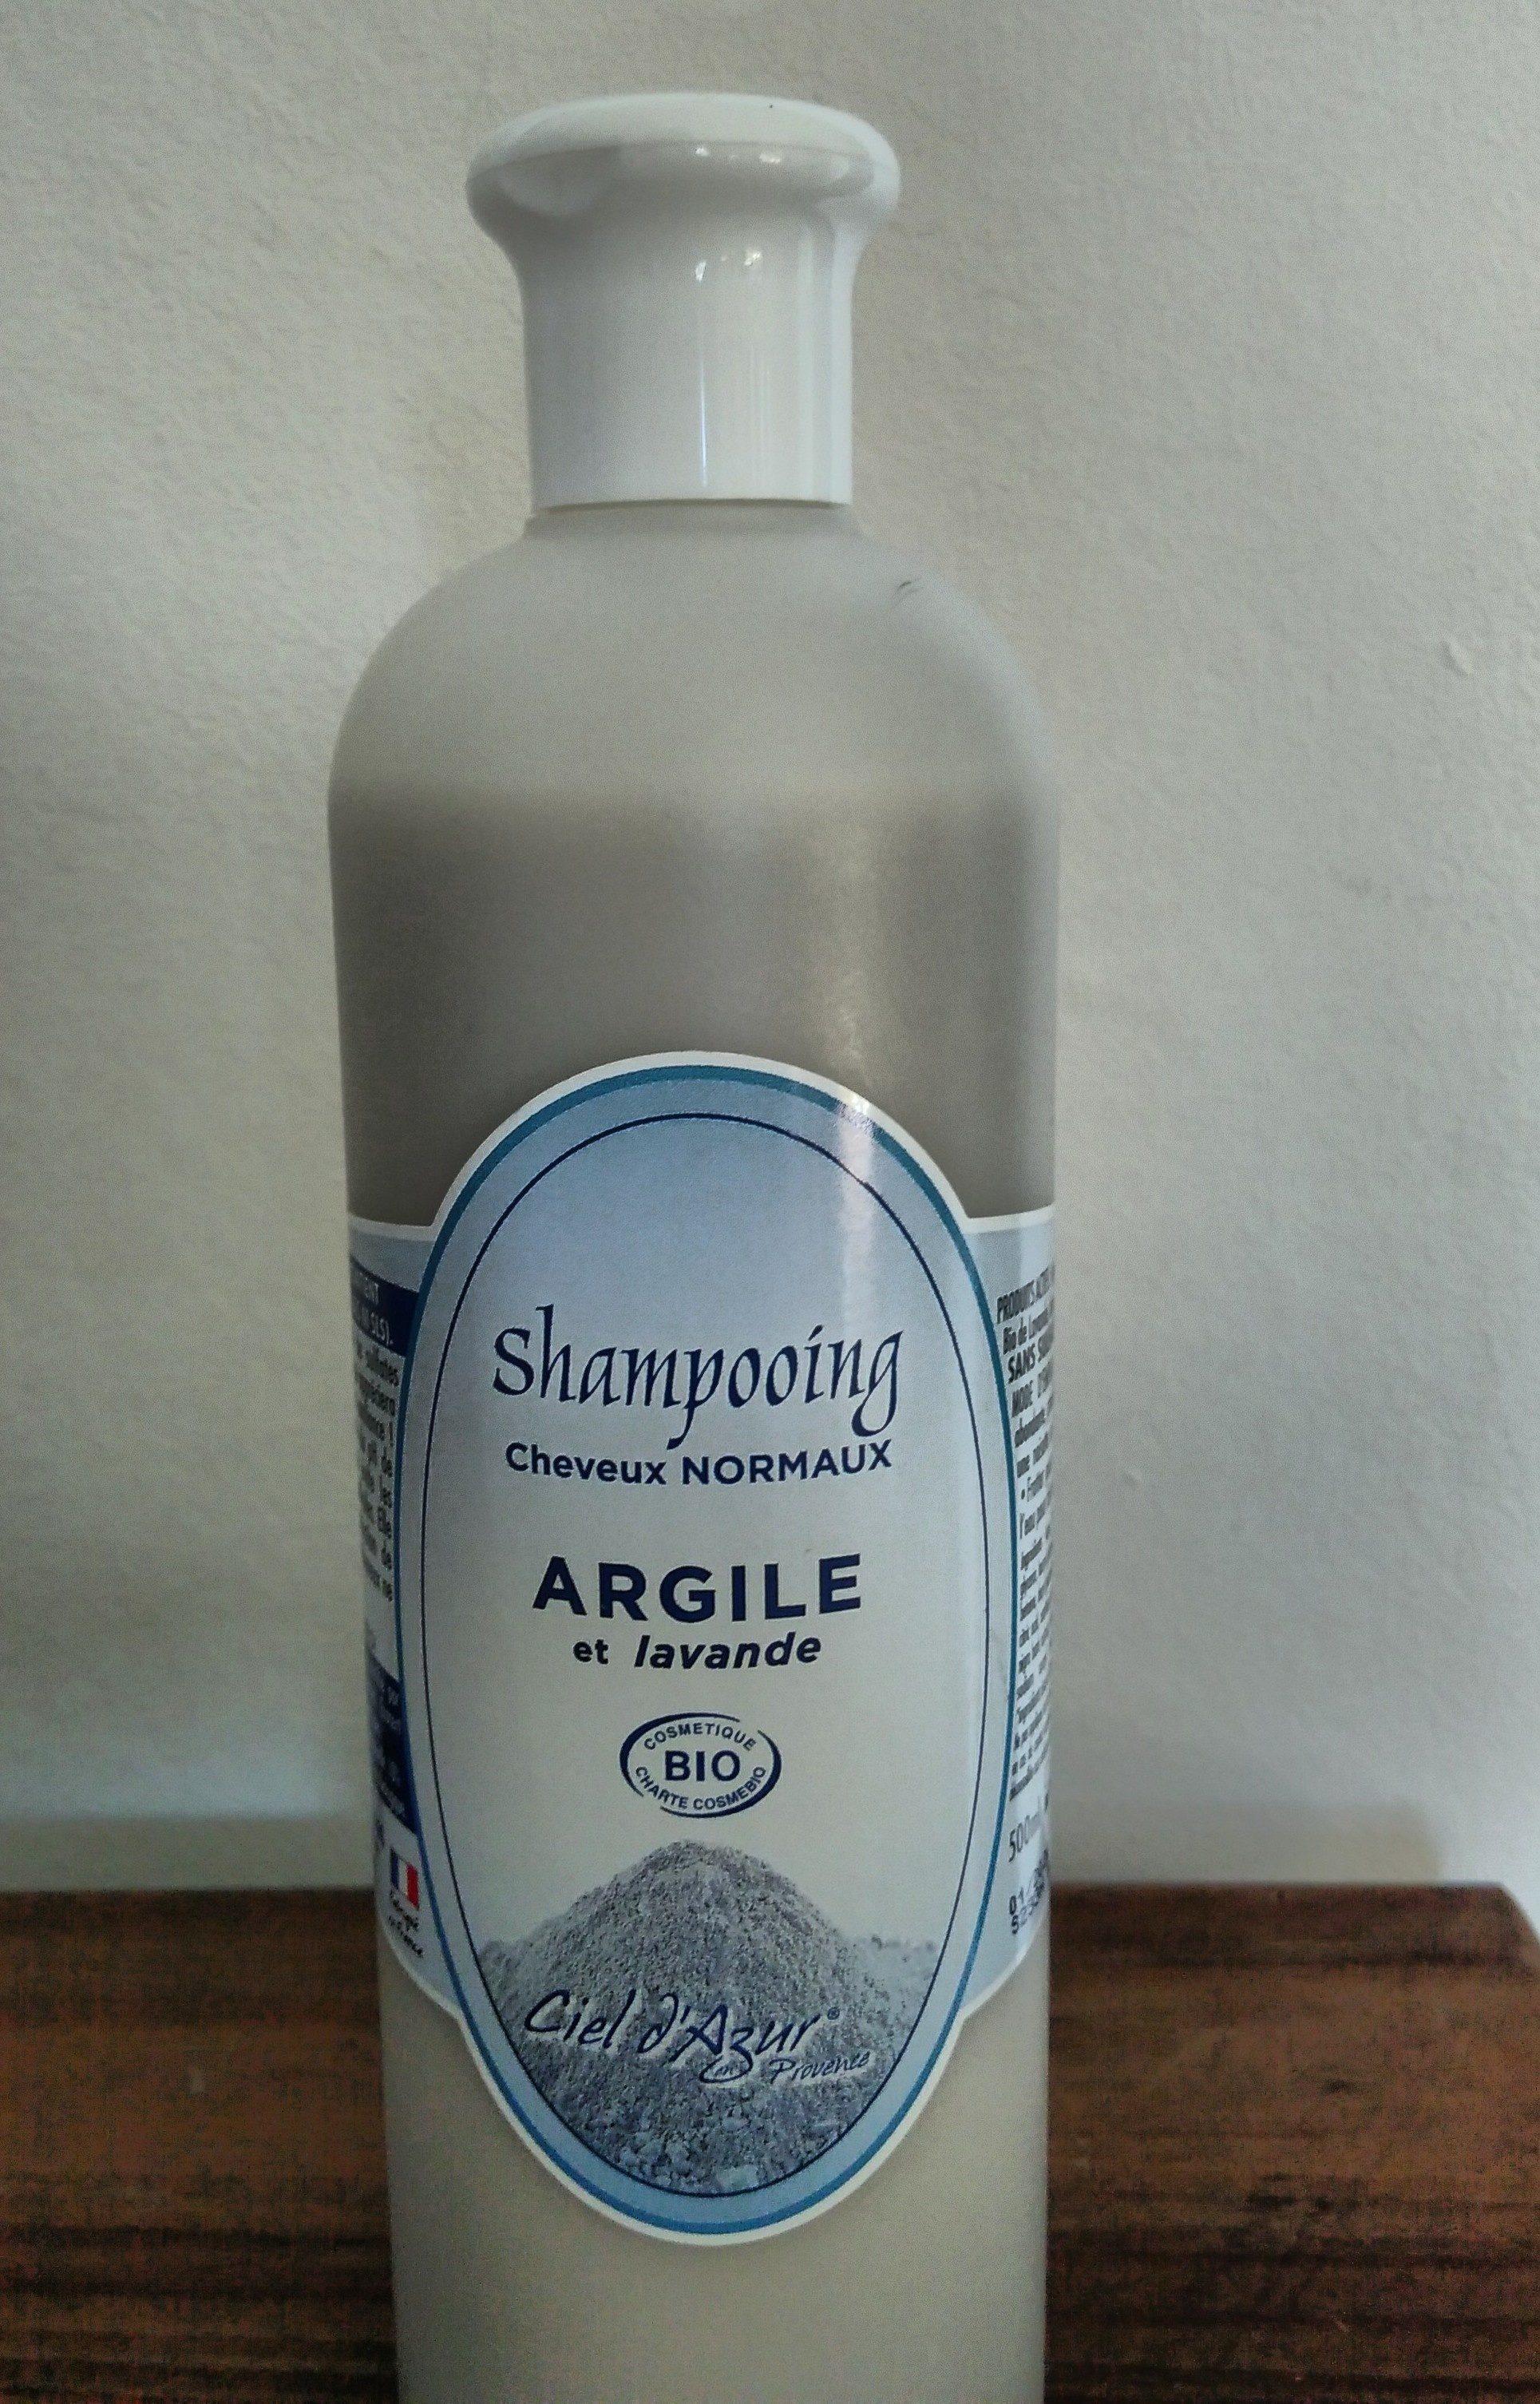 Shampoing cheveux normaux Argile et Lavande - Produit - fr